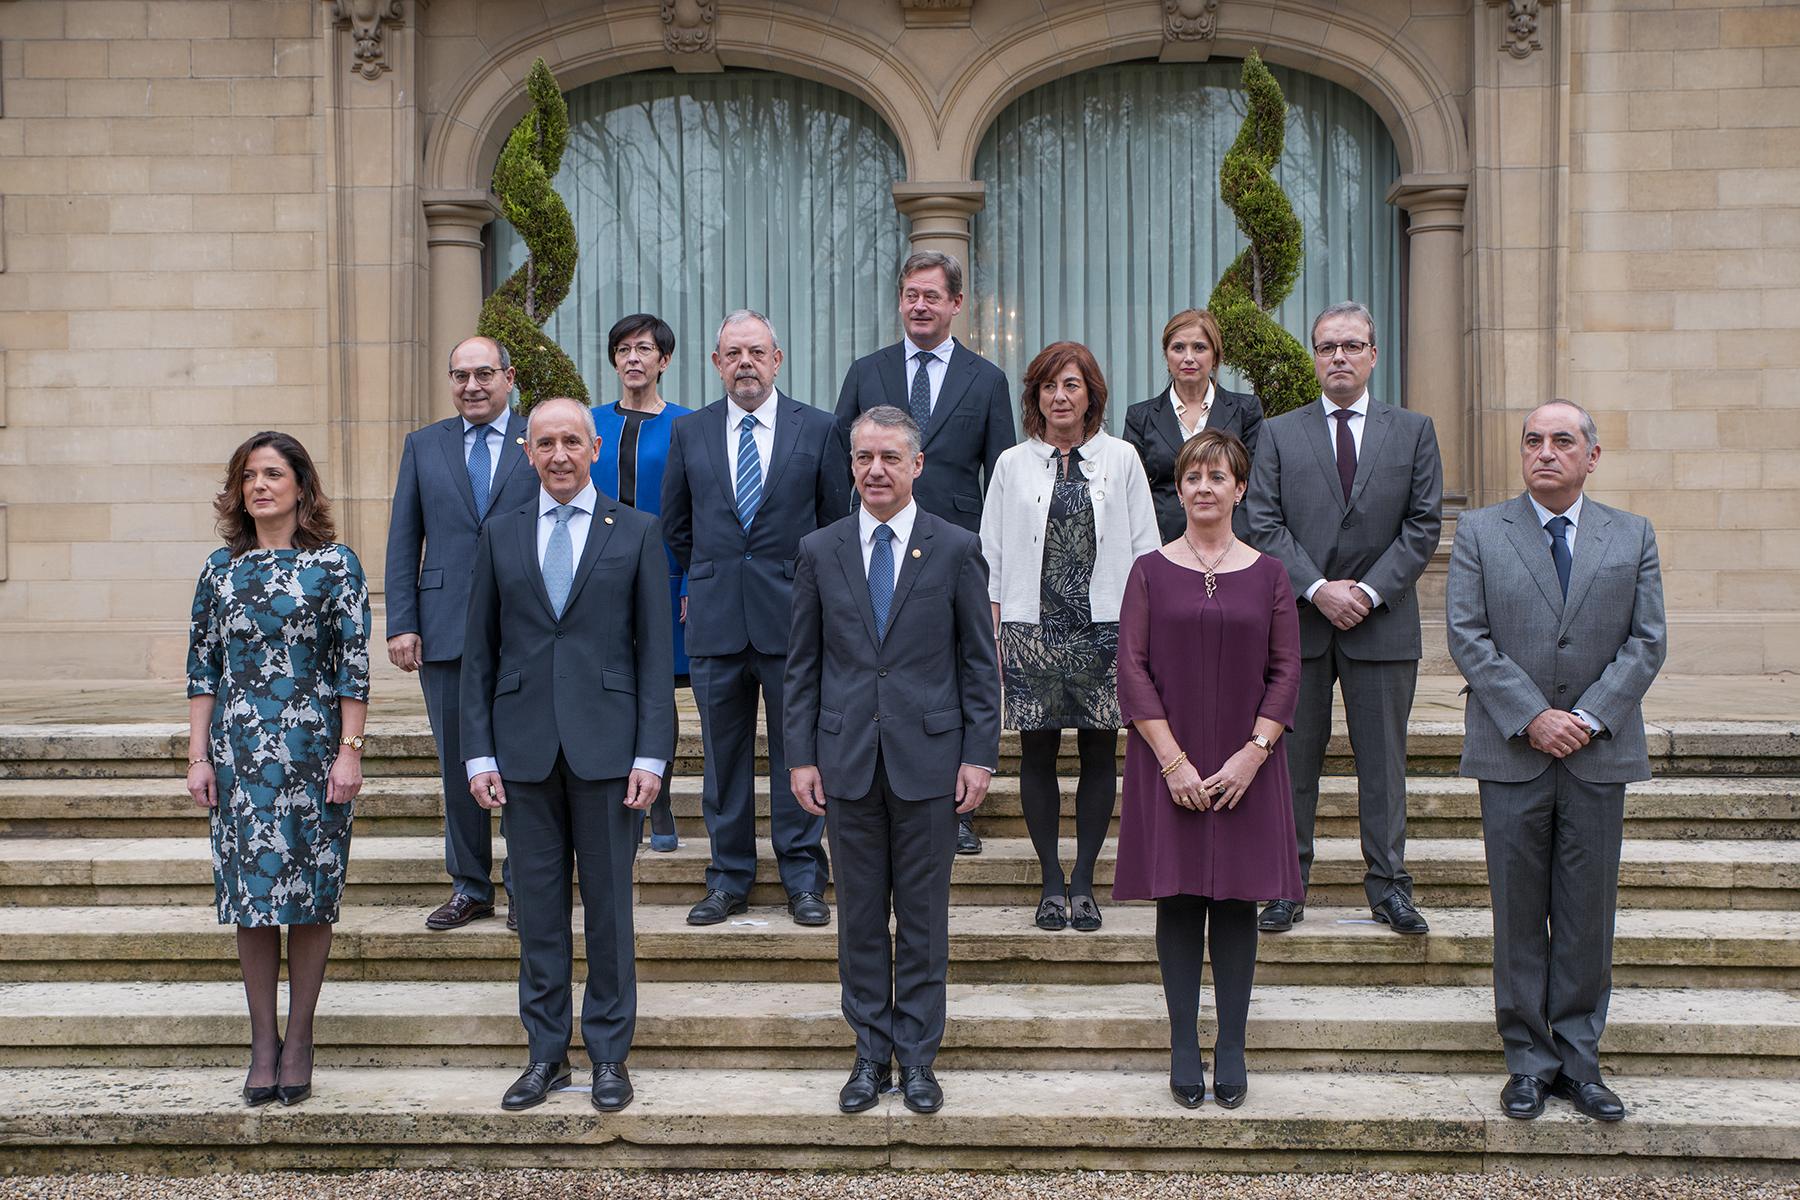 Los consejeros y consejeras del Gobierno Vasco toman posesión de sus cargos